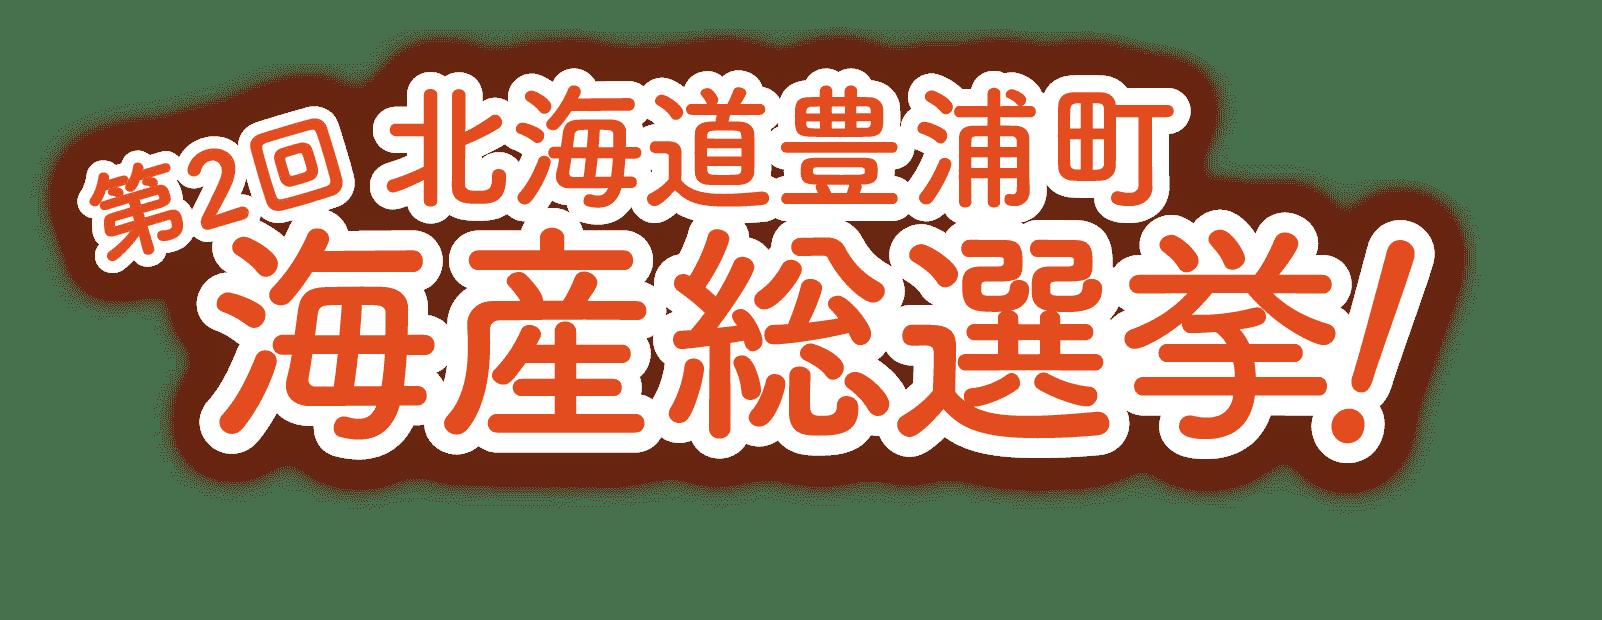 豊浦町第2回海産総選挙